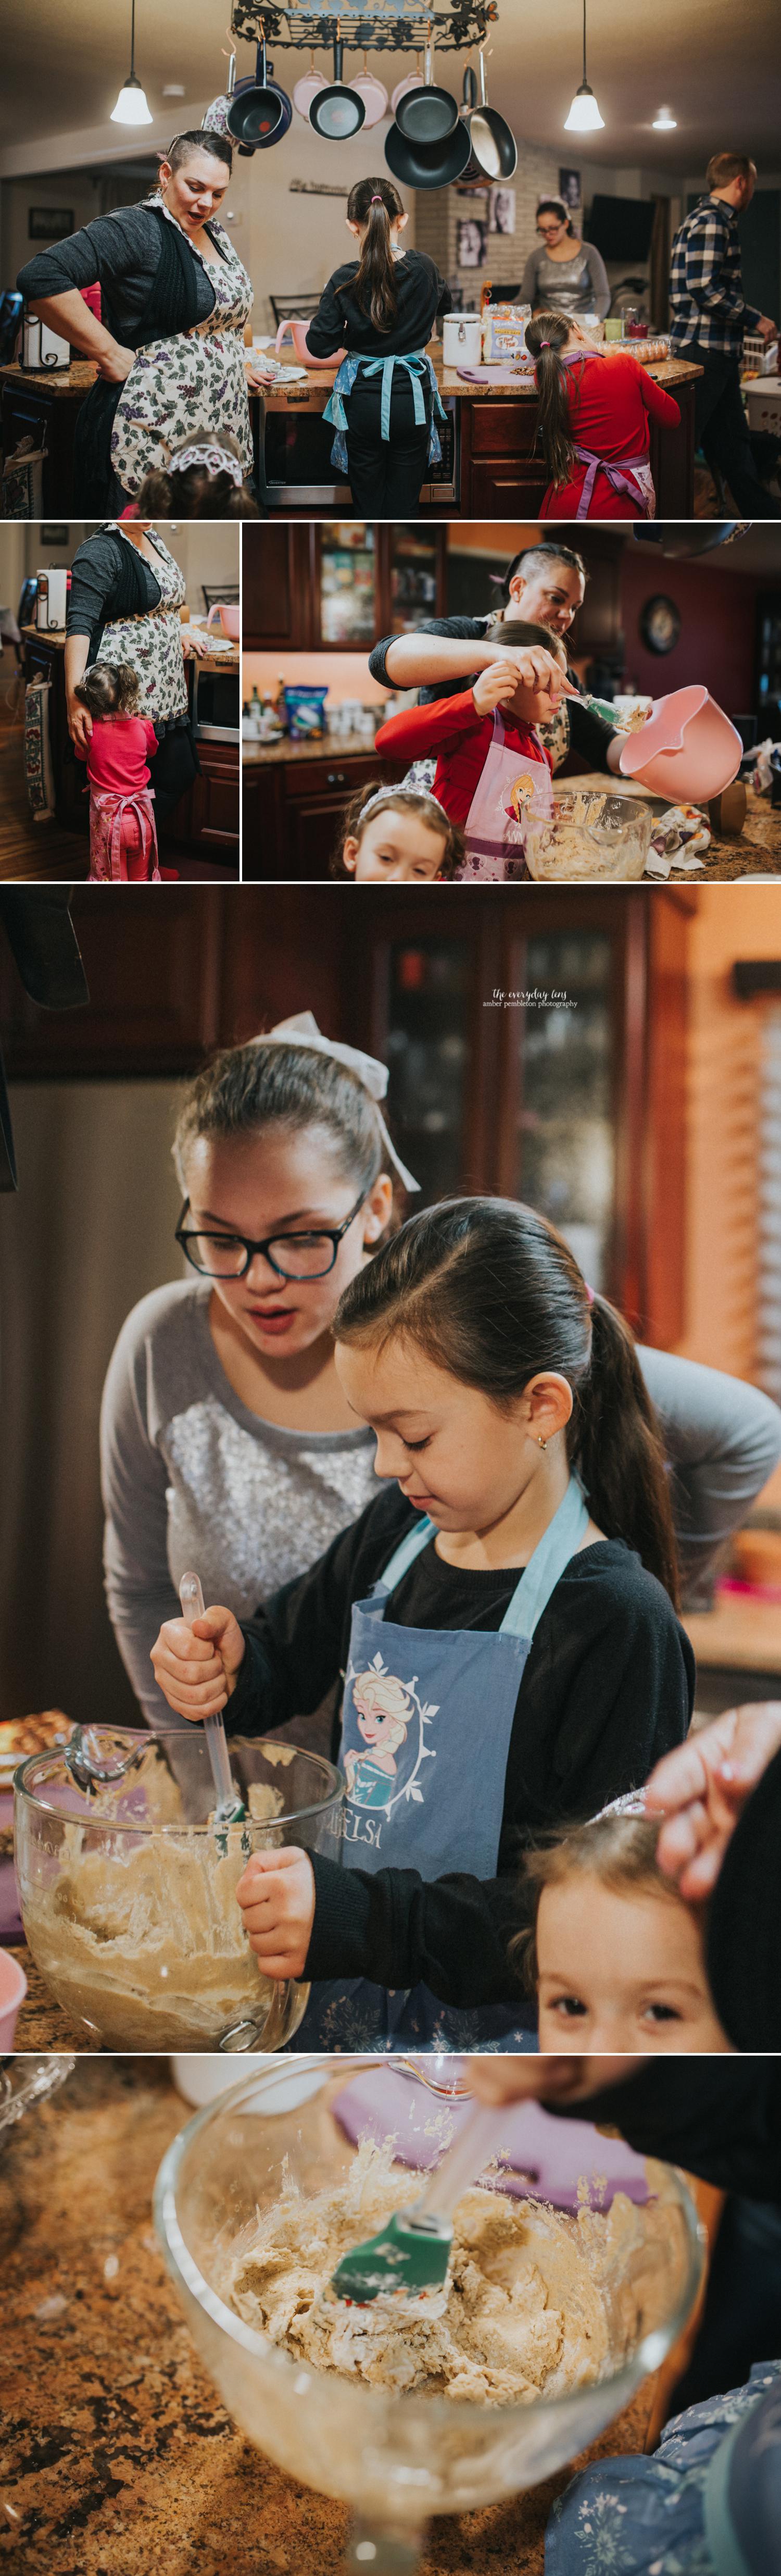 sisters-making-cookies-together.jpg